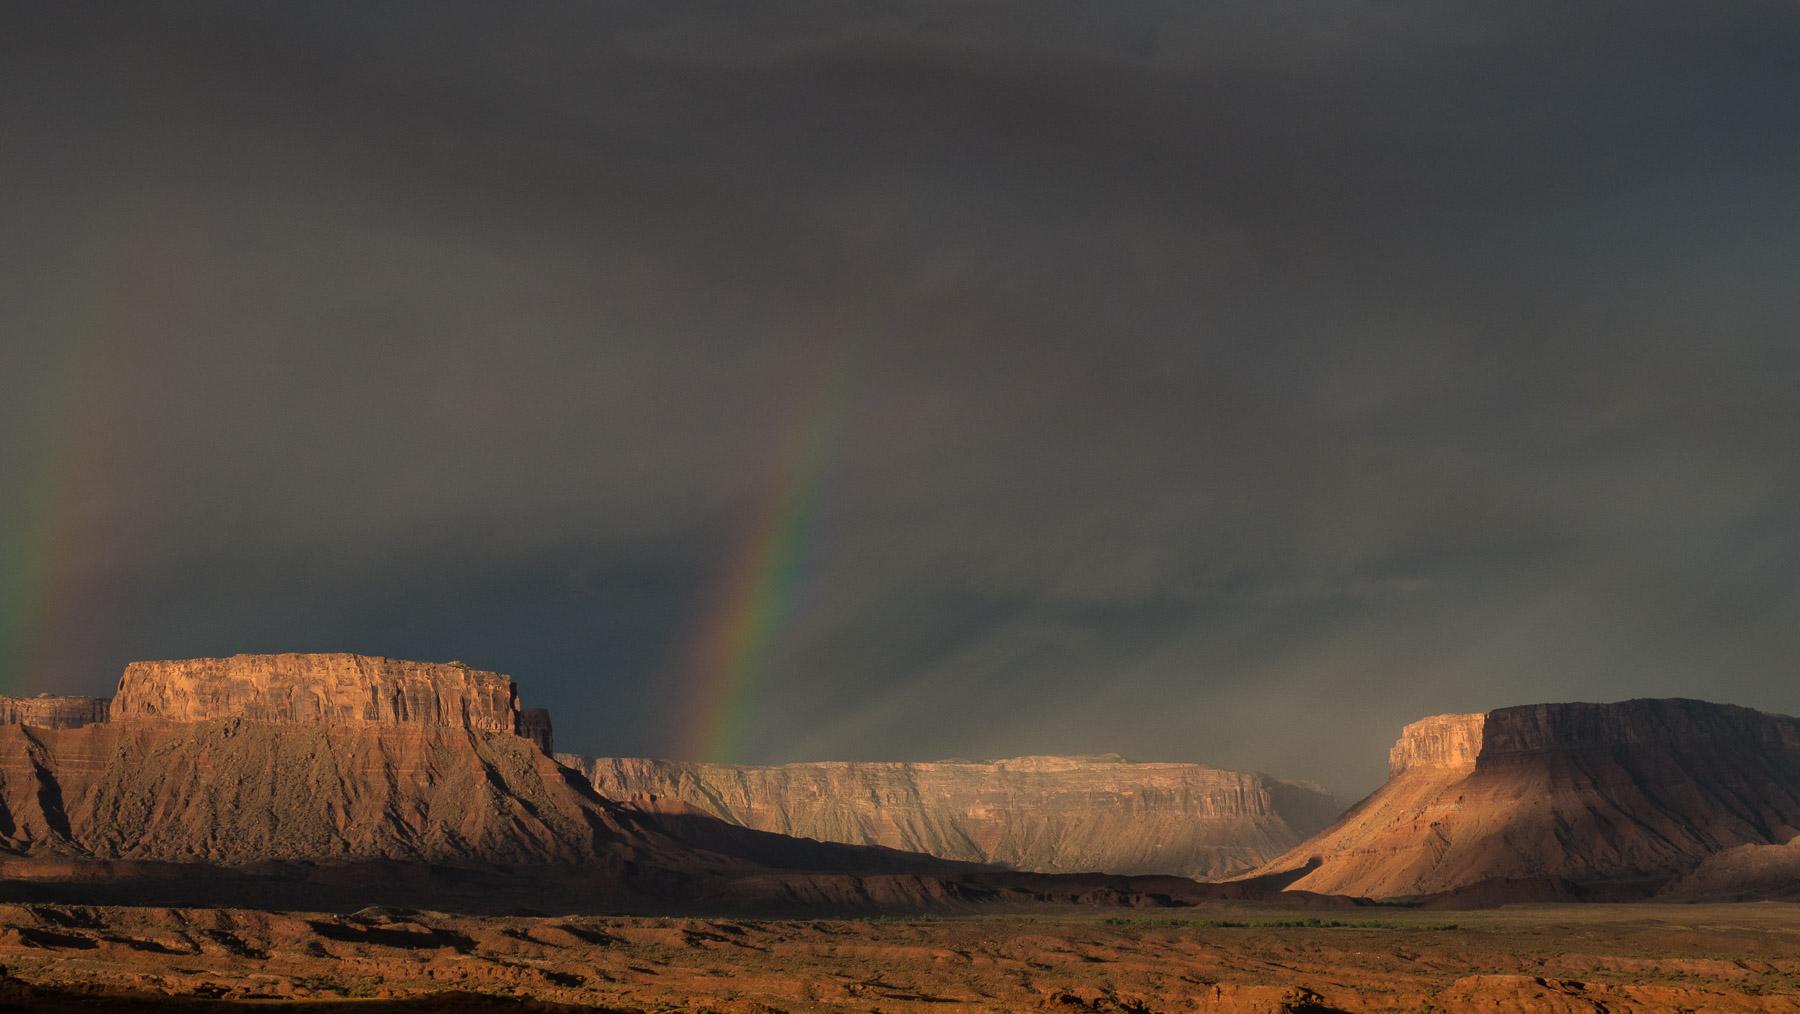 Morgentliche Gewitterstimmung mit Regenbogen